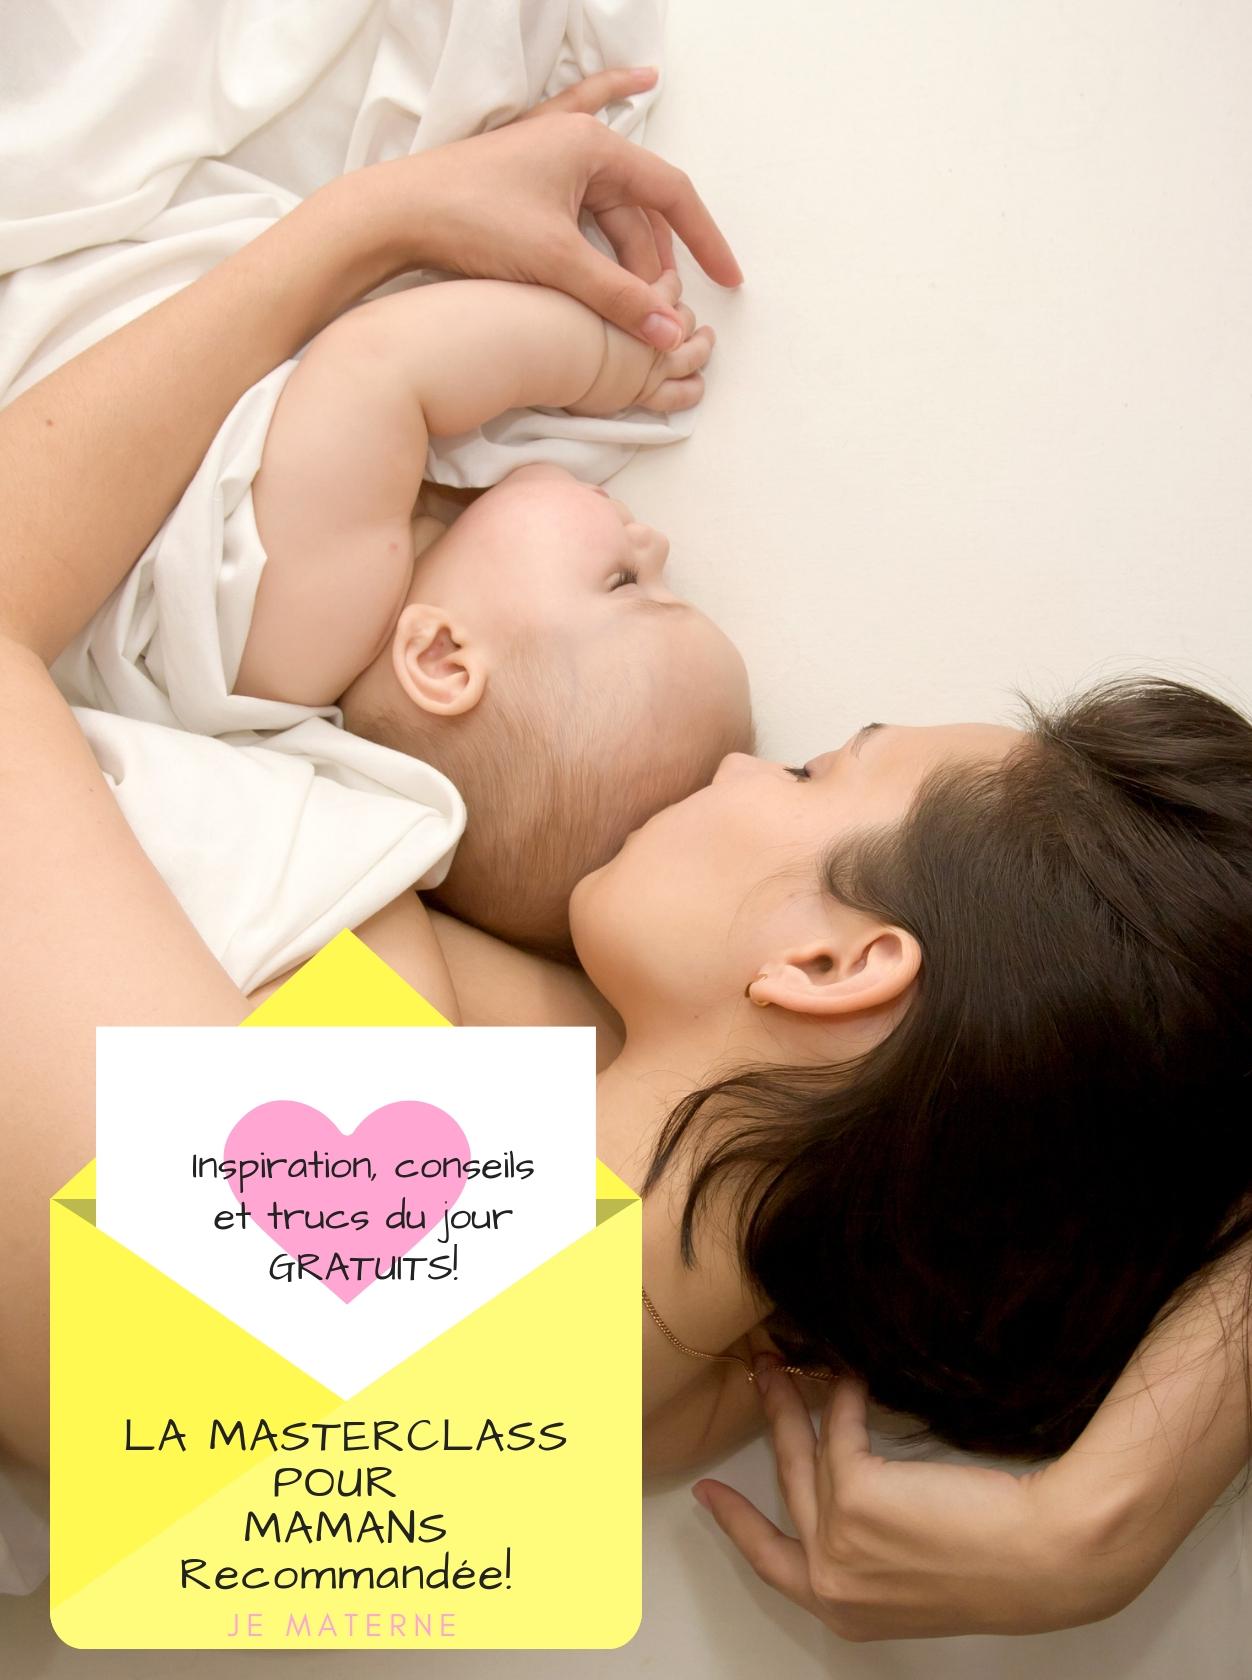 Masterclass pour mamans Je Materne